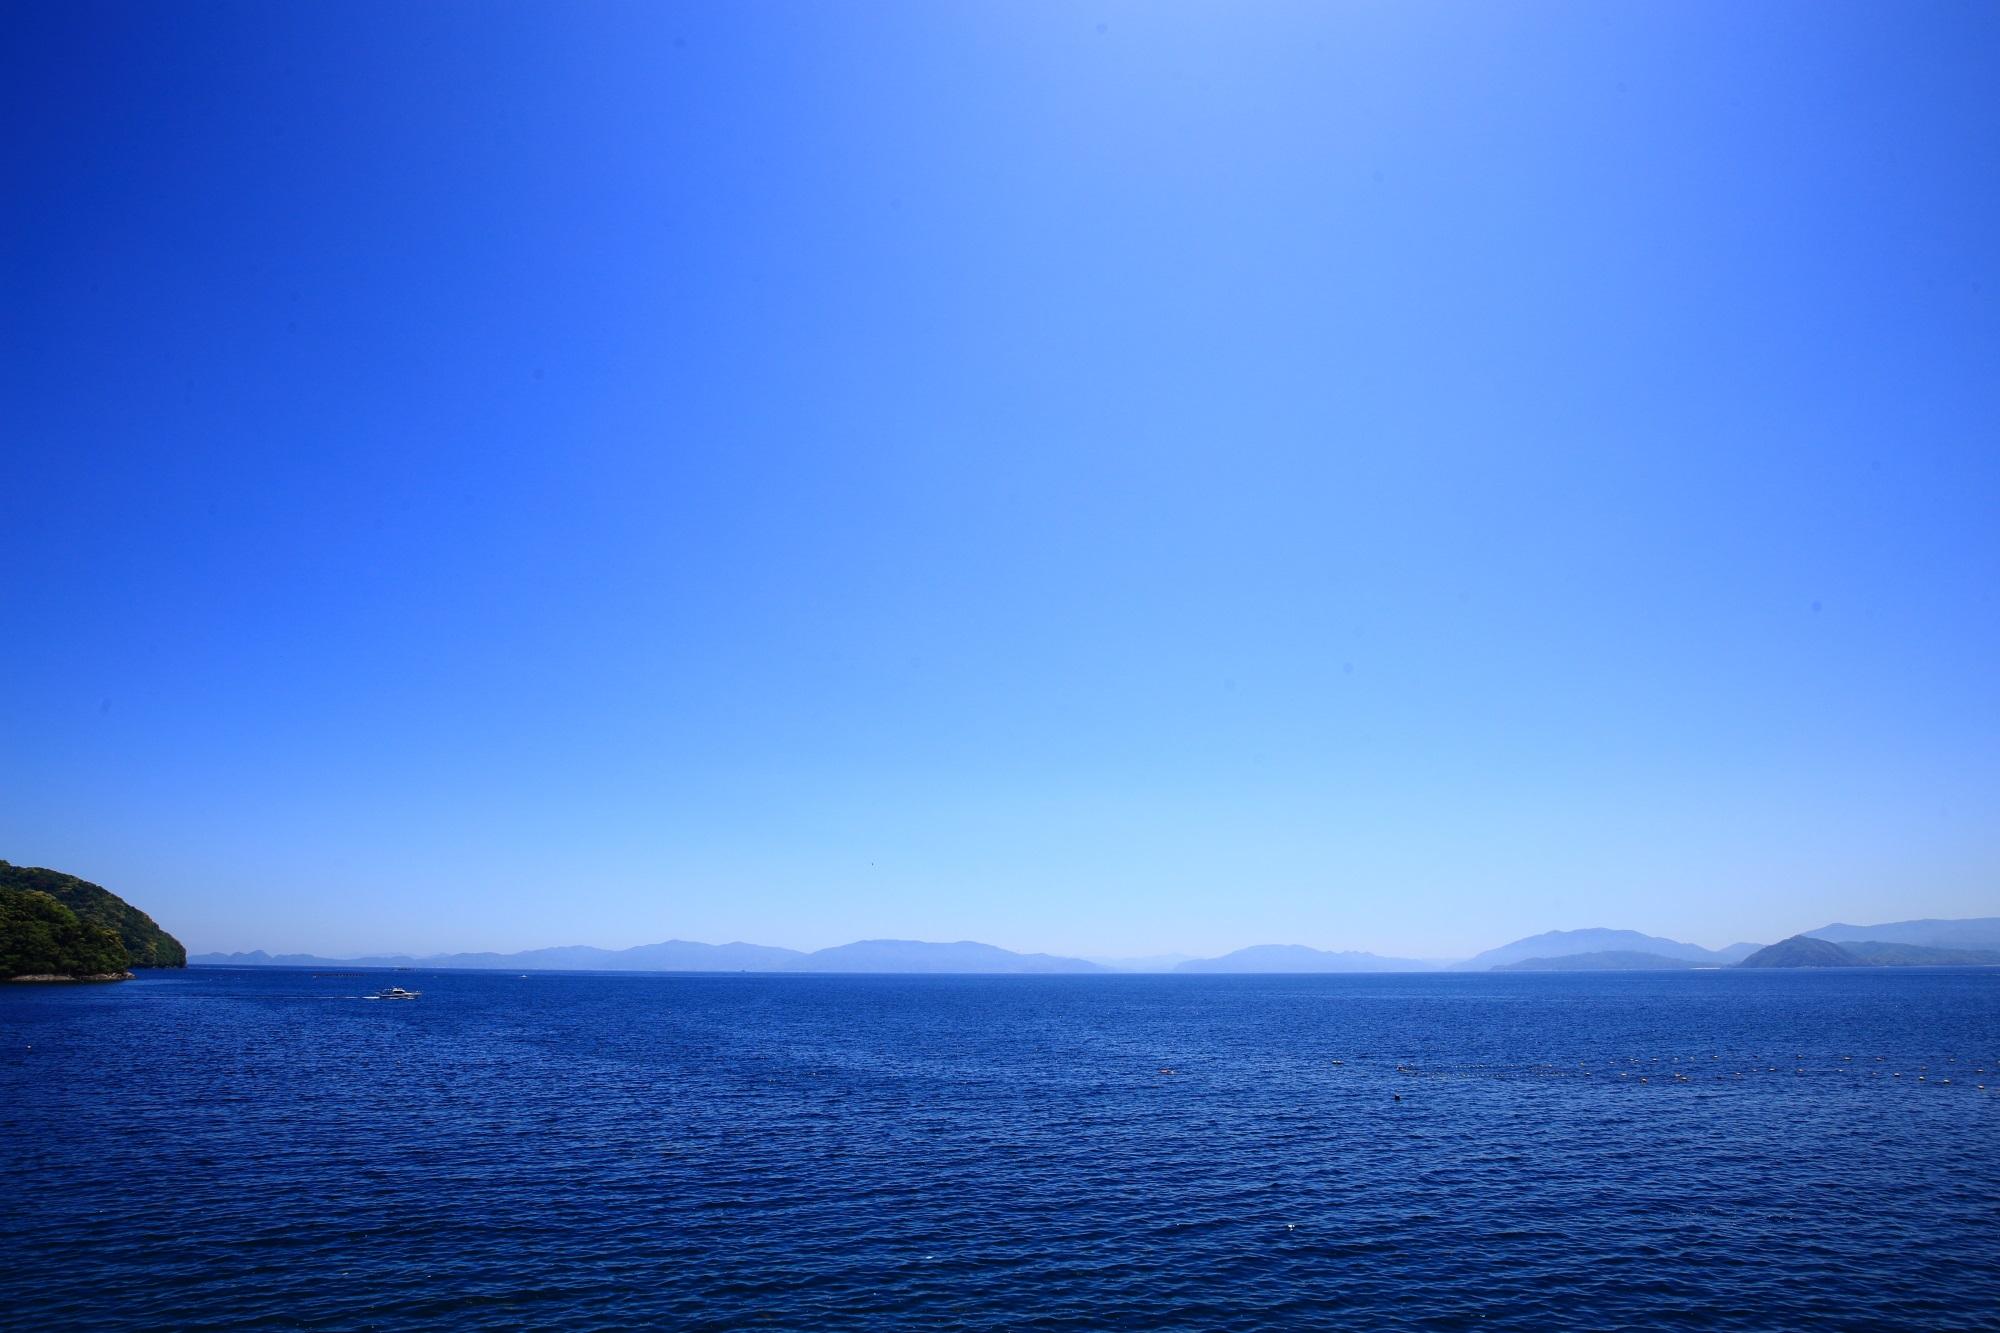 伊根町の広がる青い海と青い空